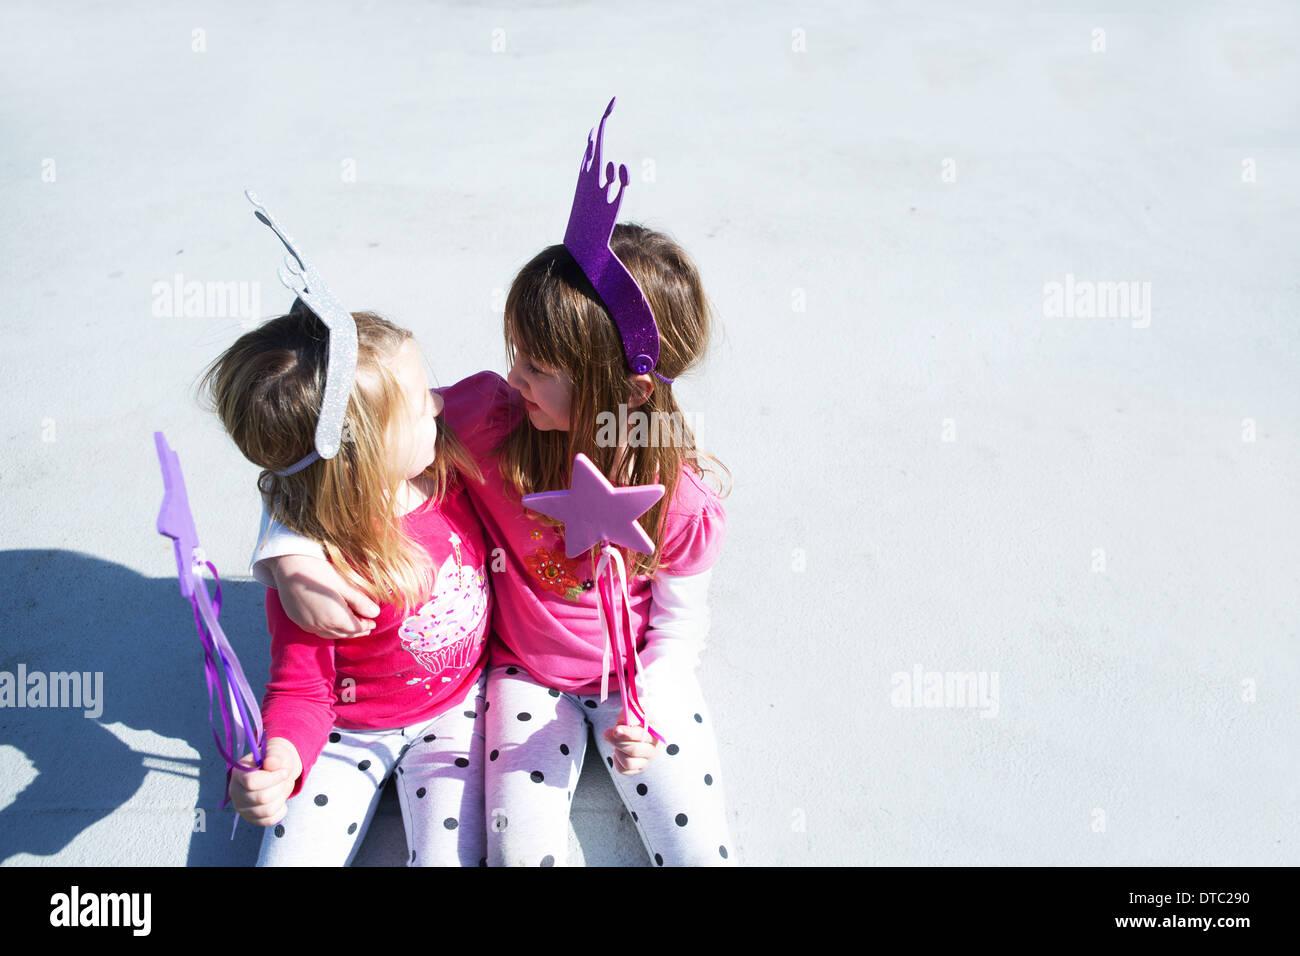 Deux jeunes sœurs déguisés en fées holding wands Photo Stock